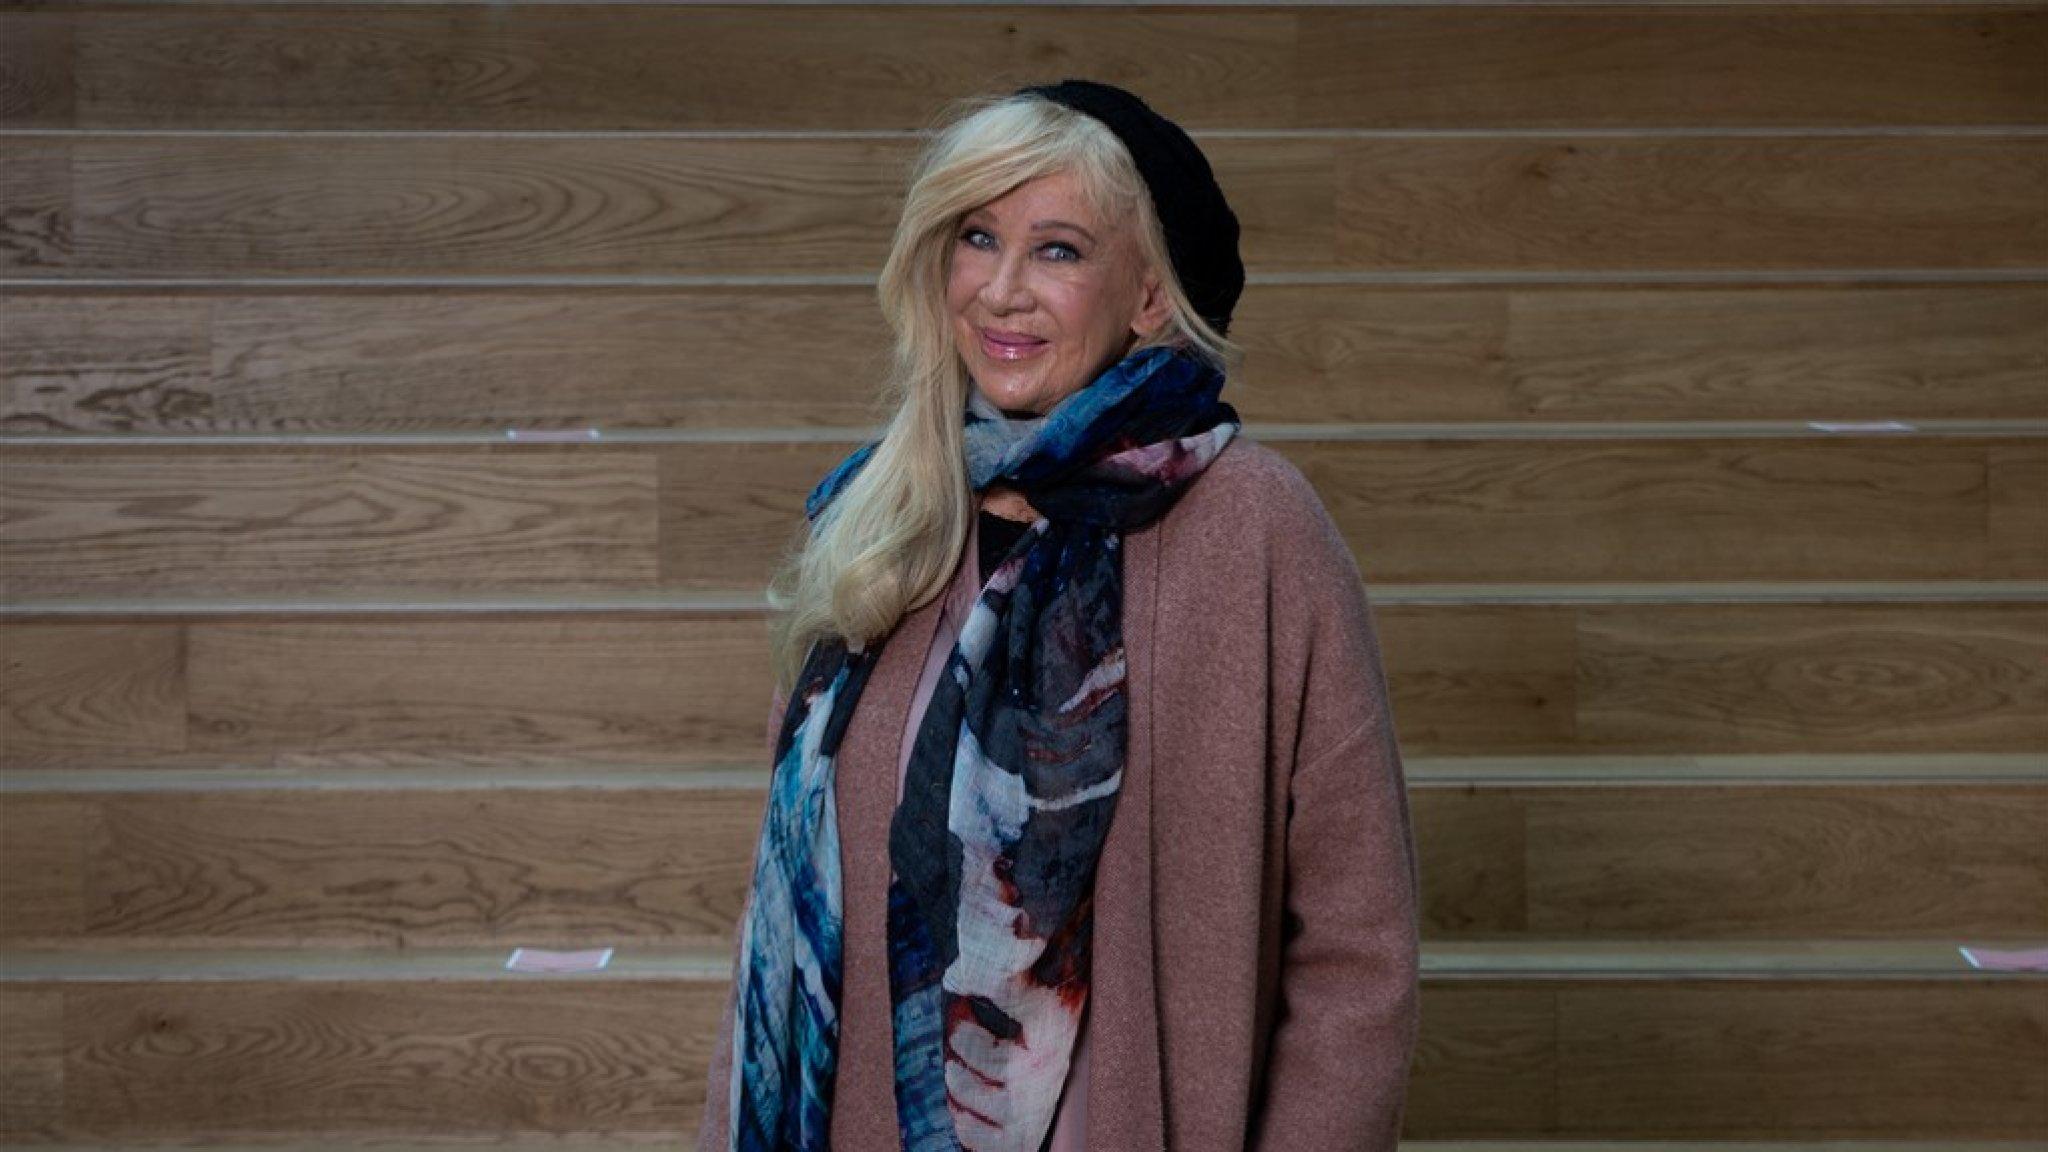 Mary Borsato: 'Leontine zal altijd mijn schoondochter blijven' - RTL Boulevard